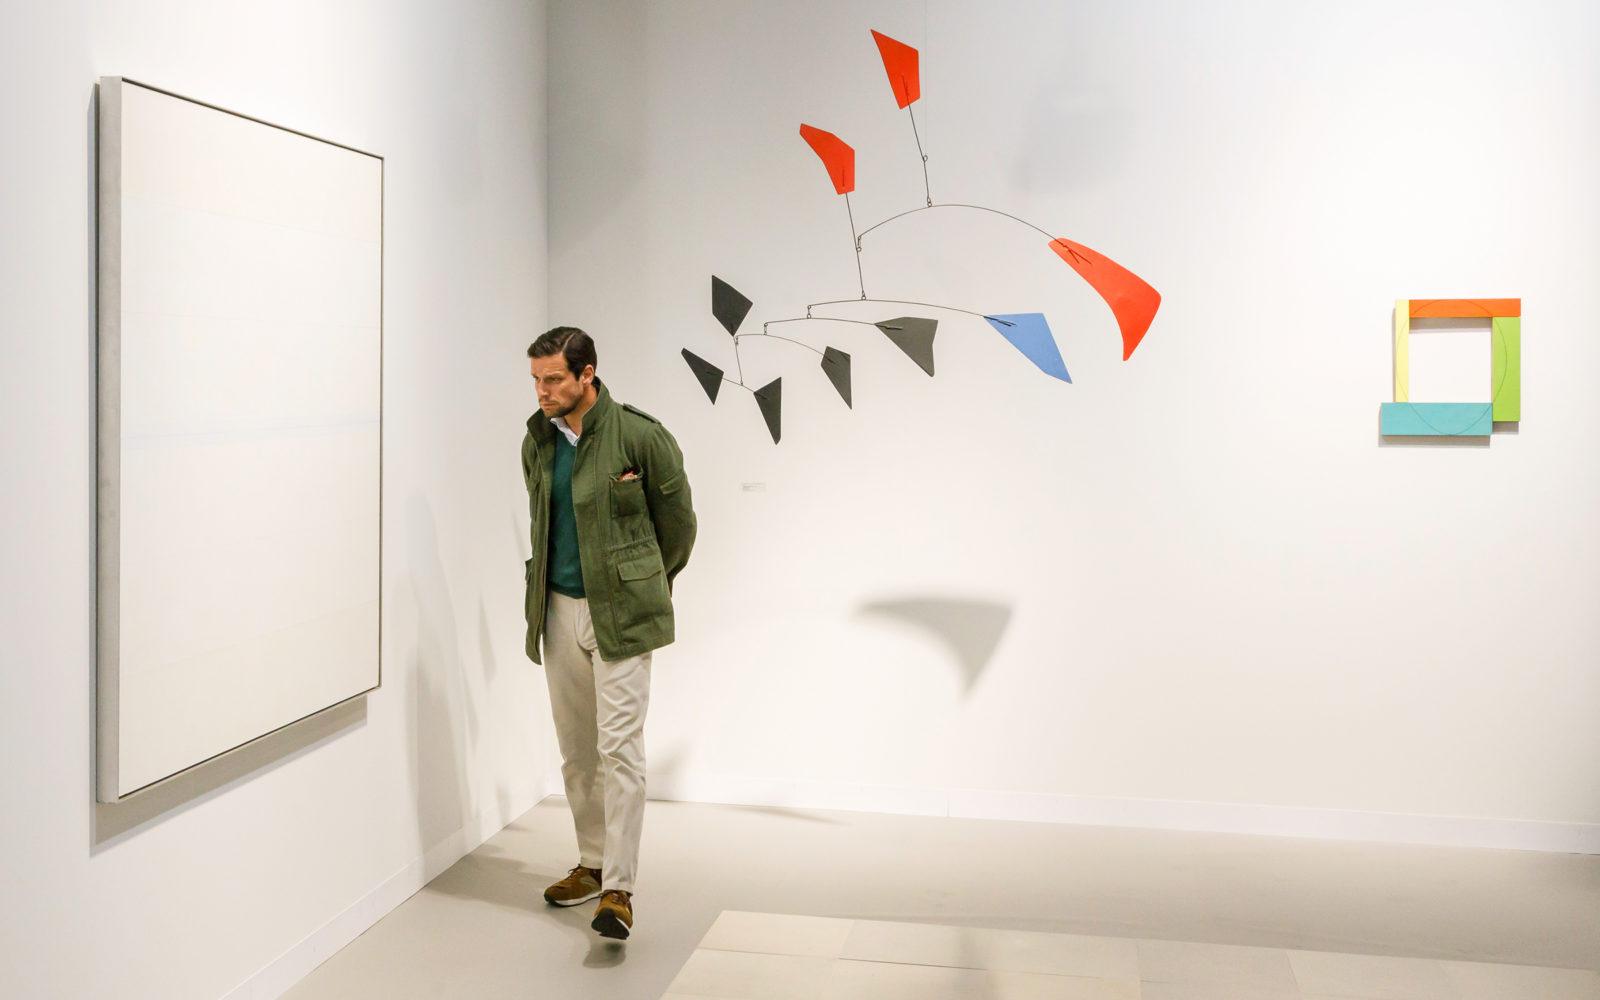 Most már végleges: elmarad az Art Basel idei utolsó, Miami Beach-i kiadása is